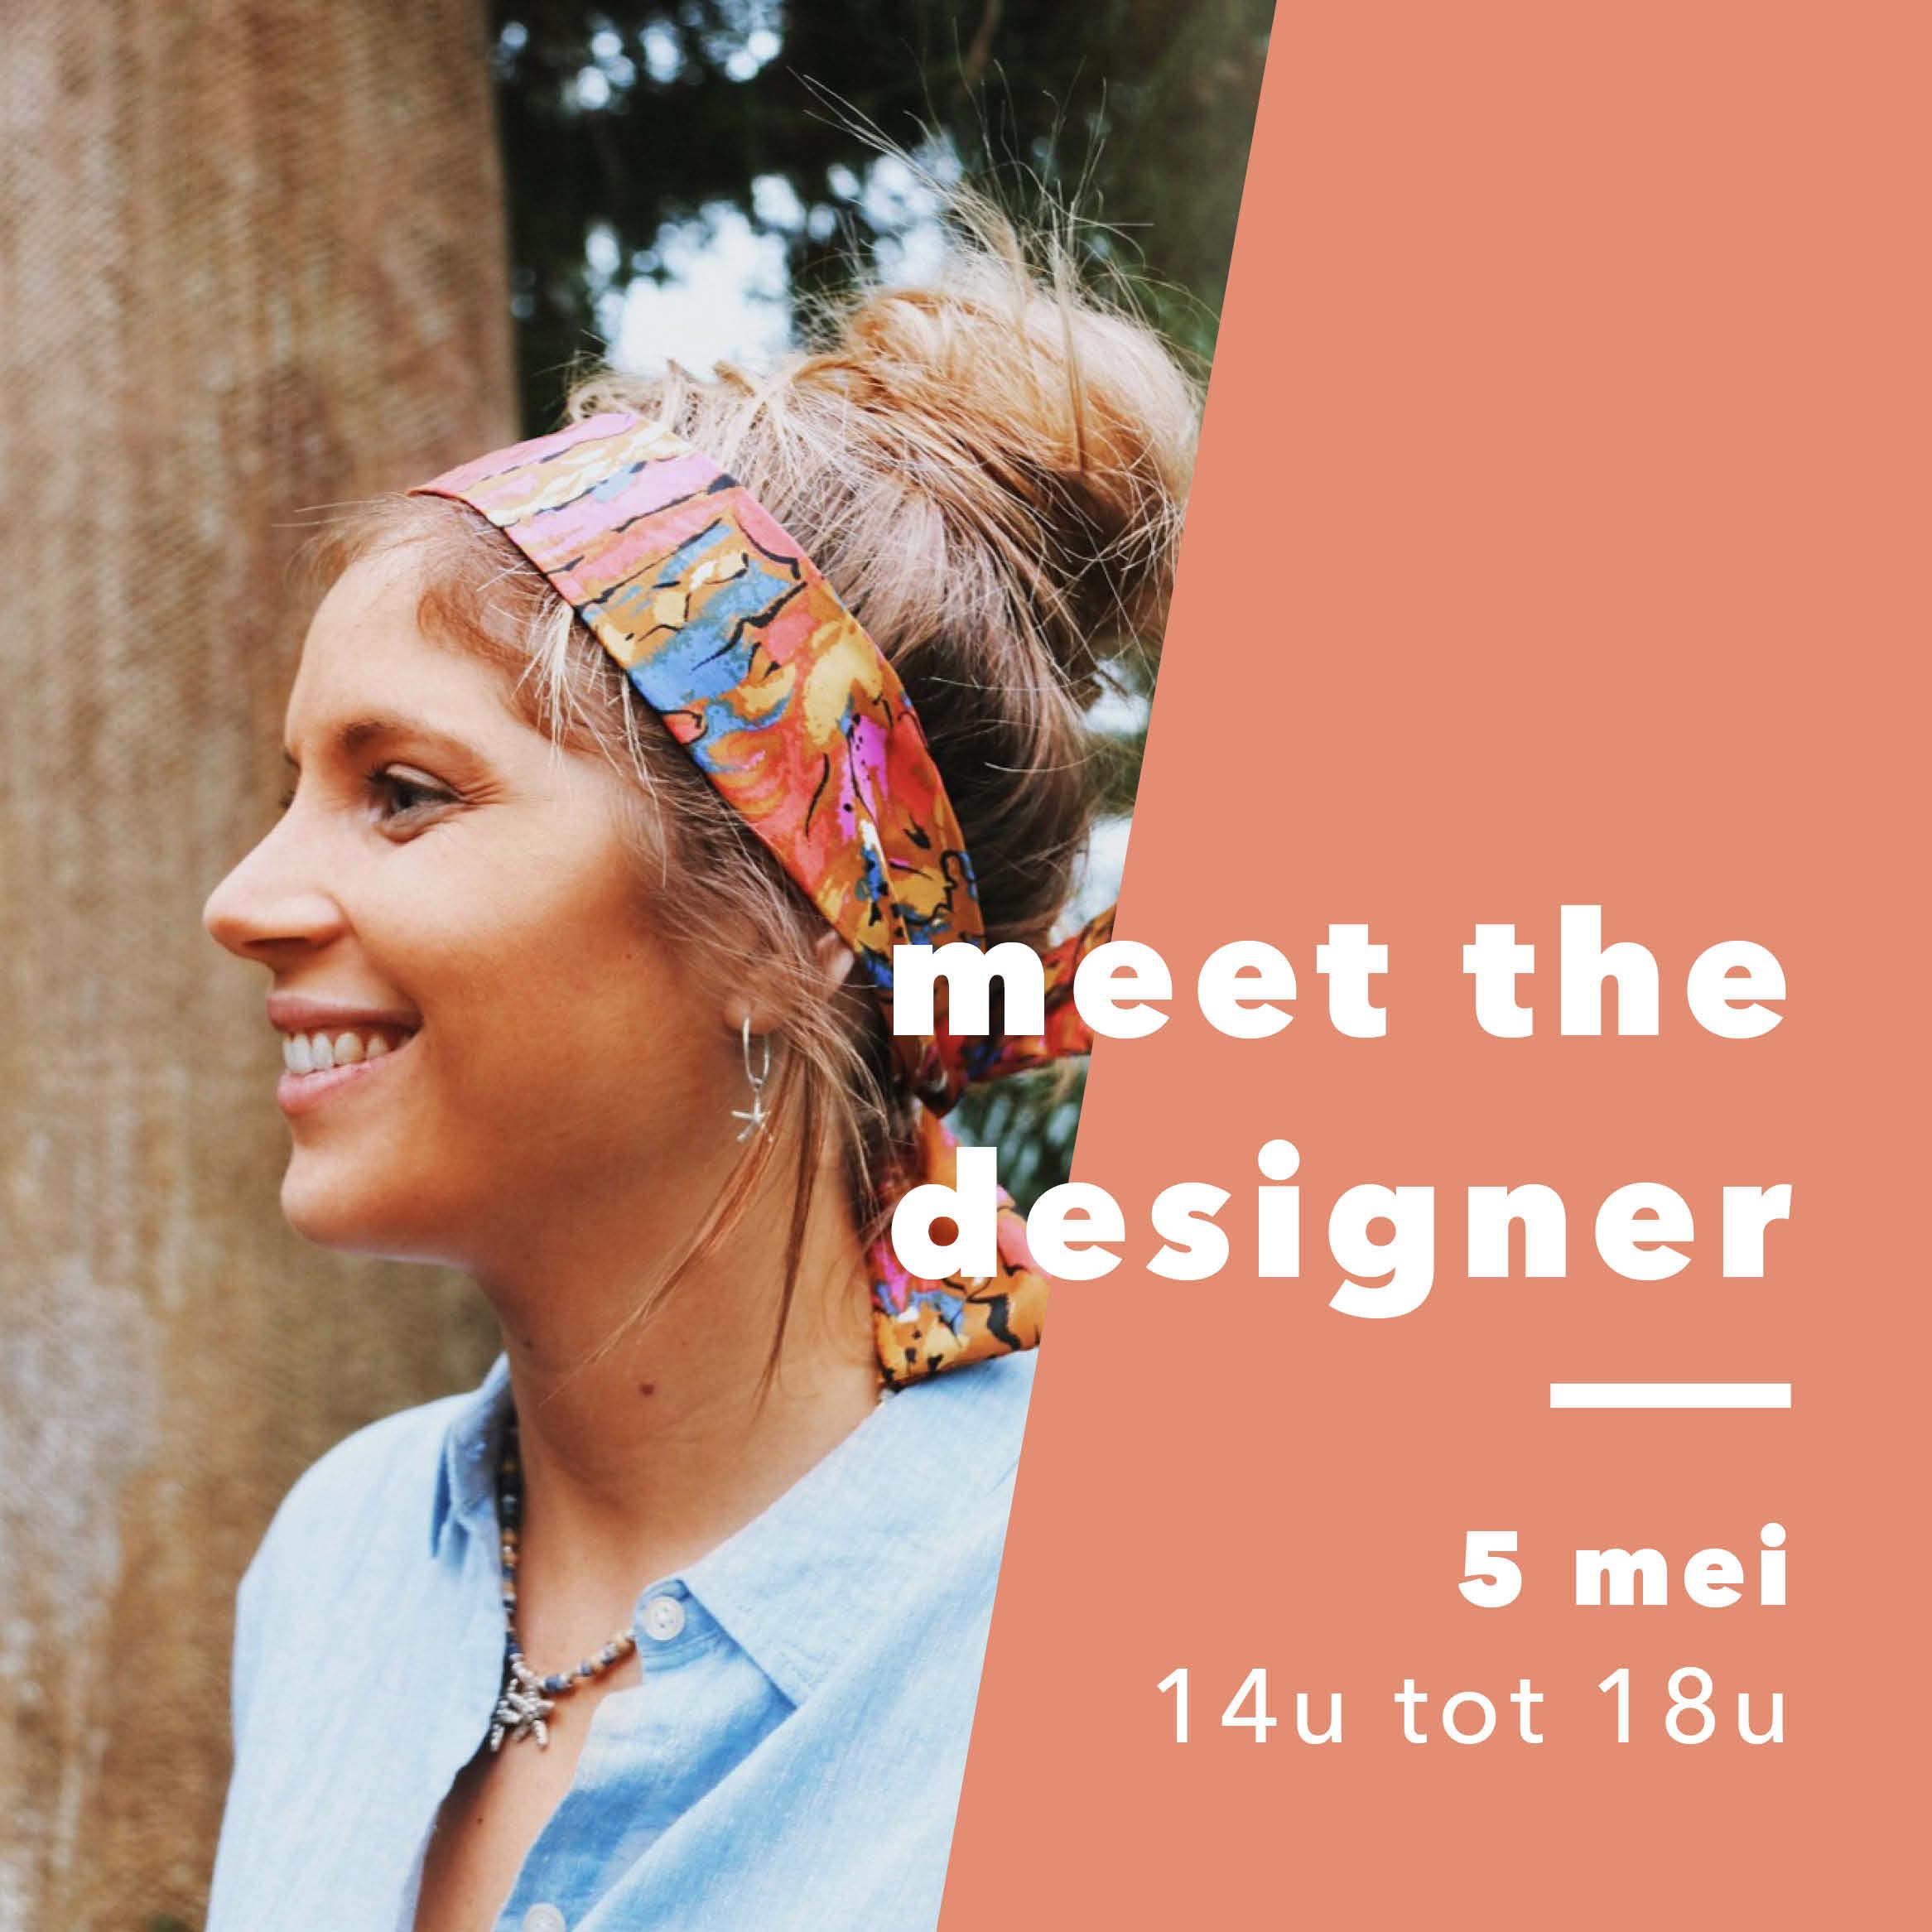 KAR_VisualMailing_meetthedesigner.jpg